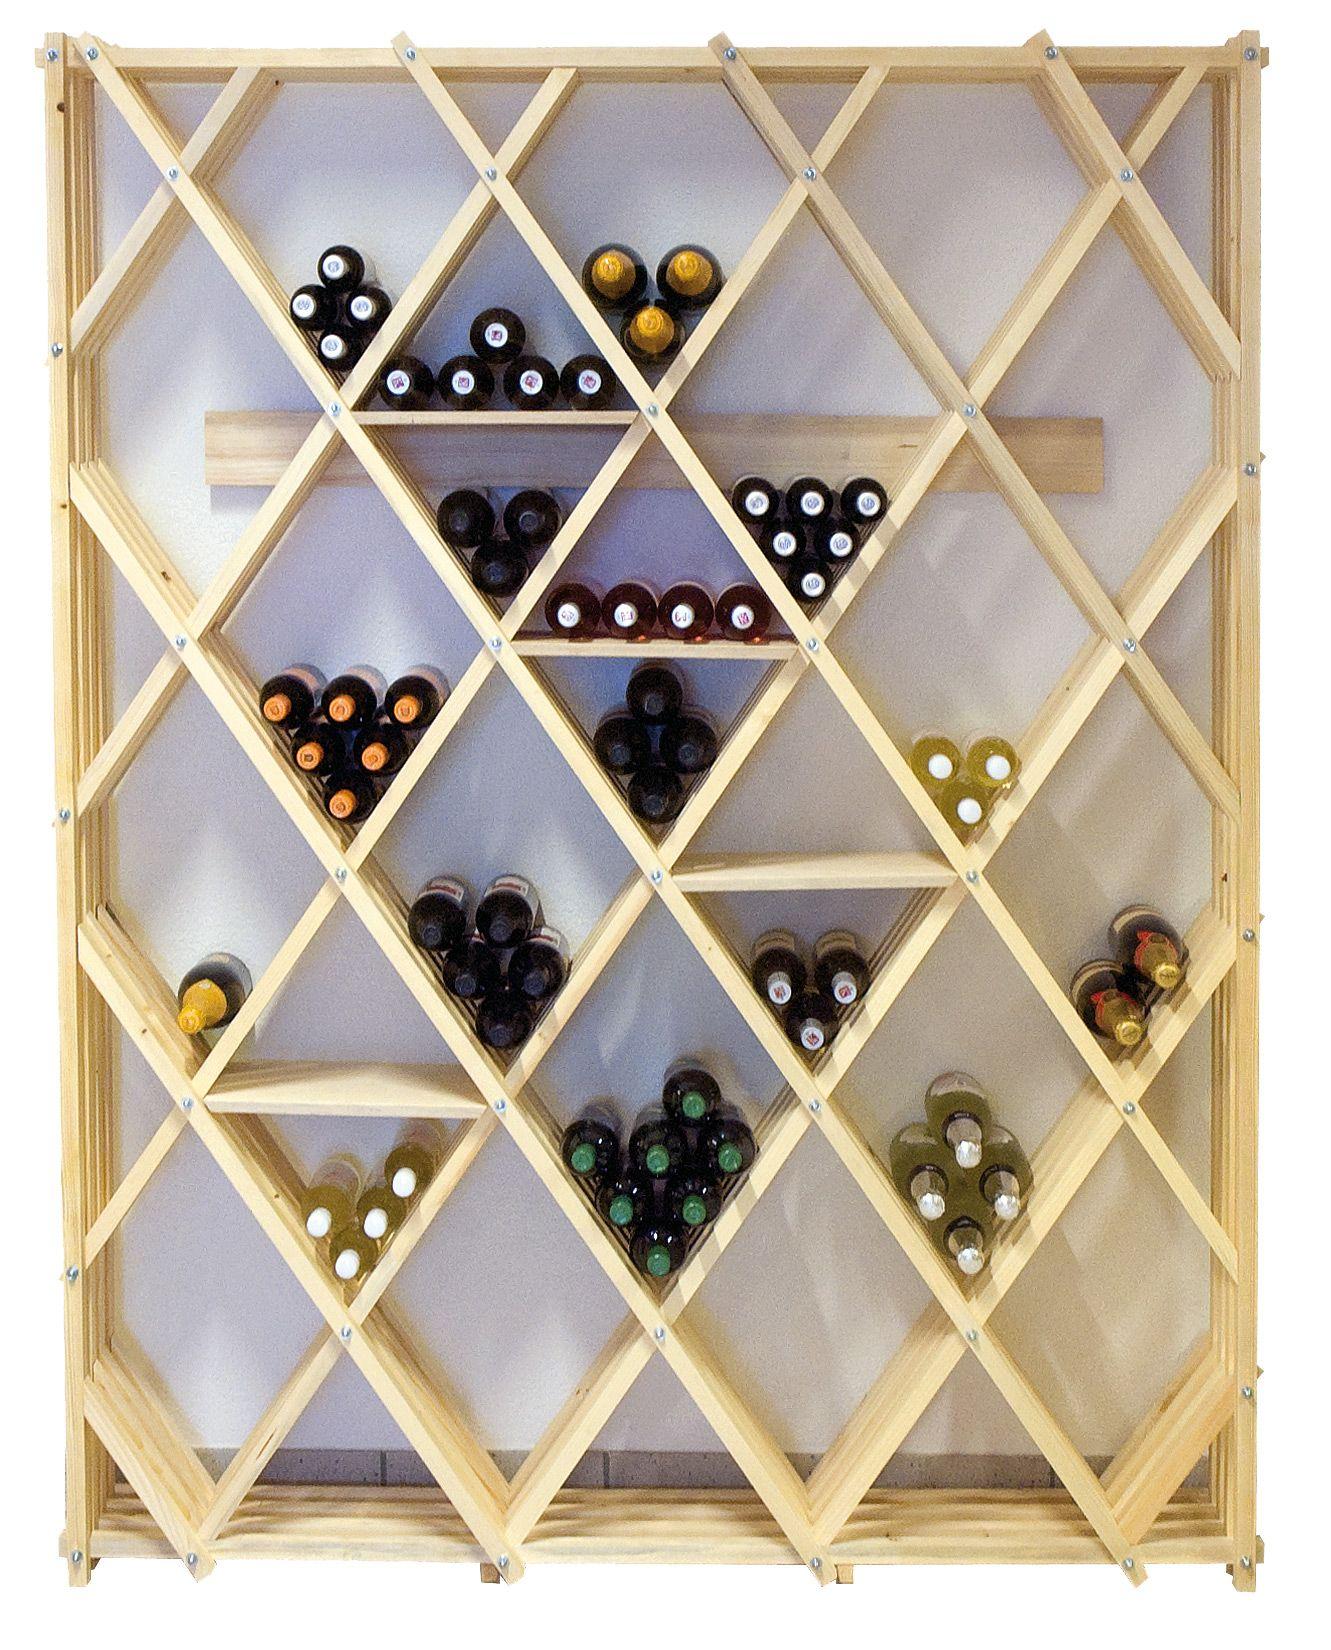 vino concept meubles du cellier cave vin meubles bouteille meuble vin en bois. Black Bedroom Furniture Sets. Home Design Ideas